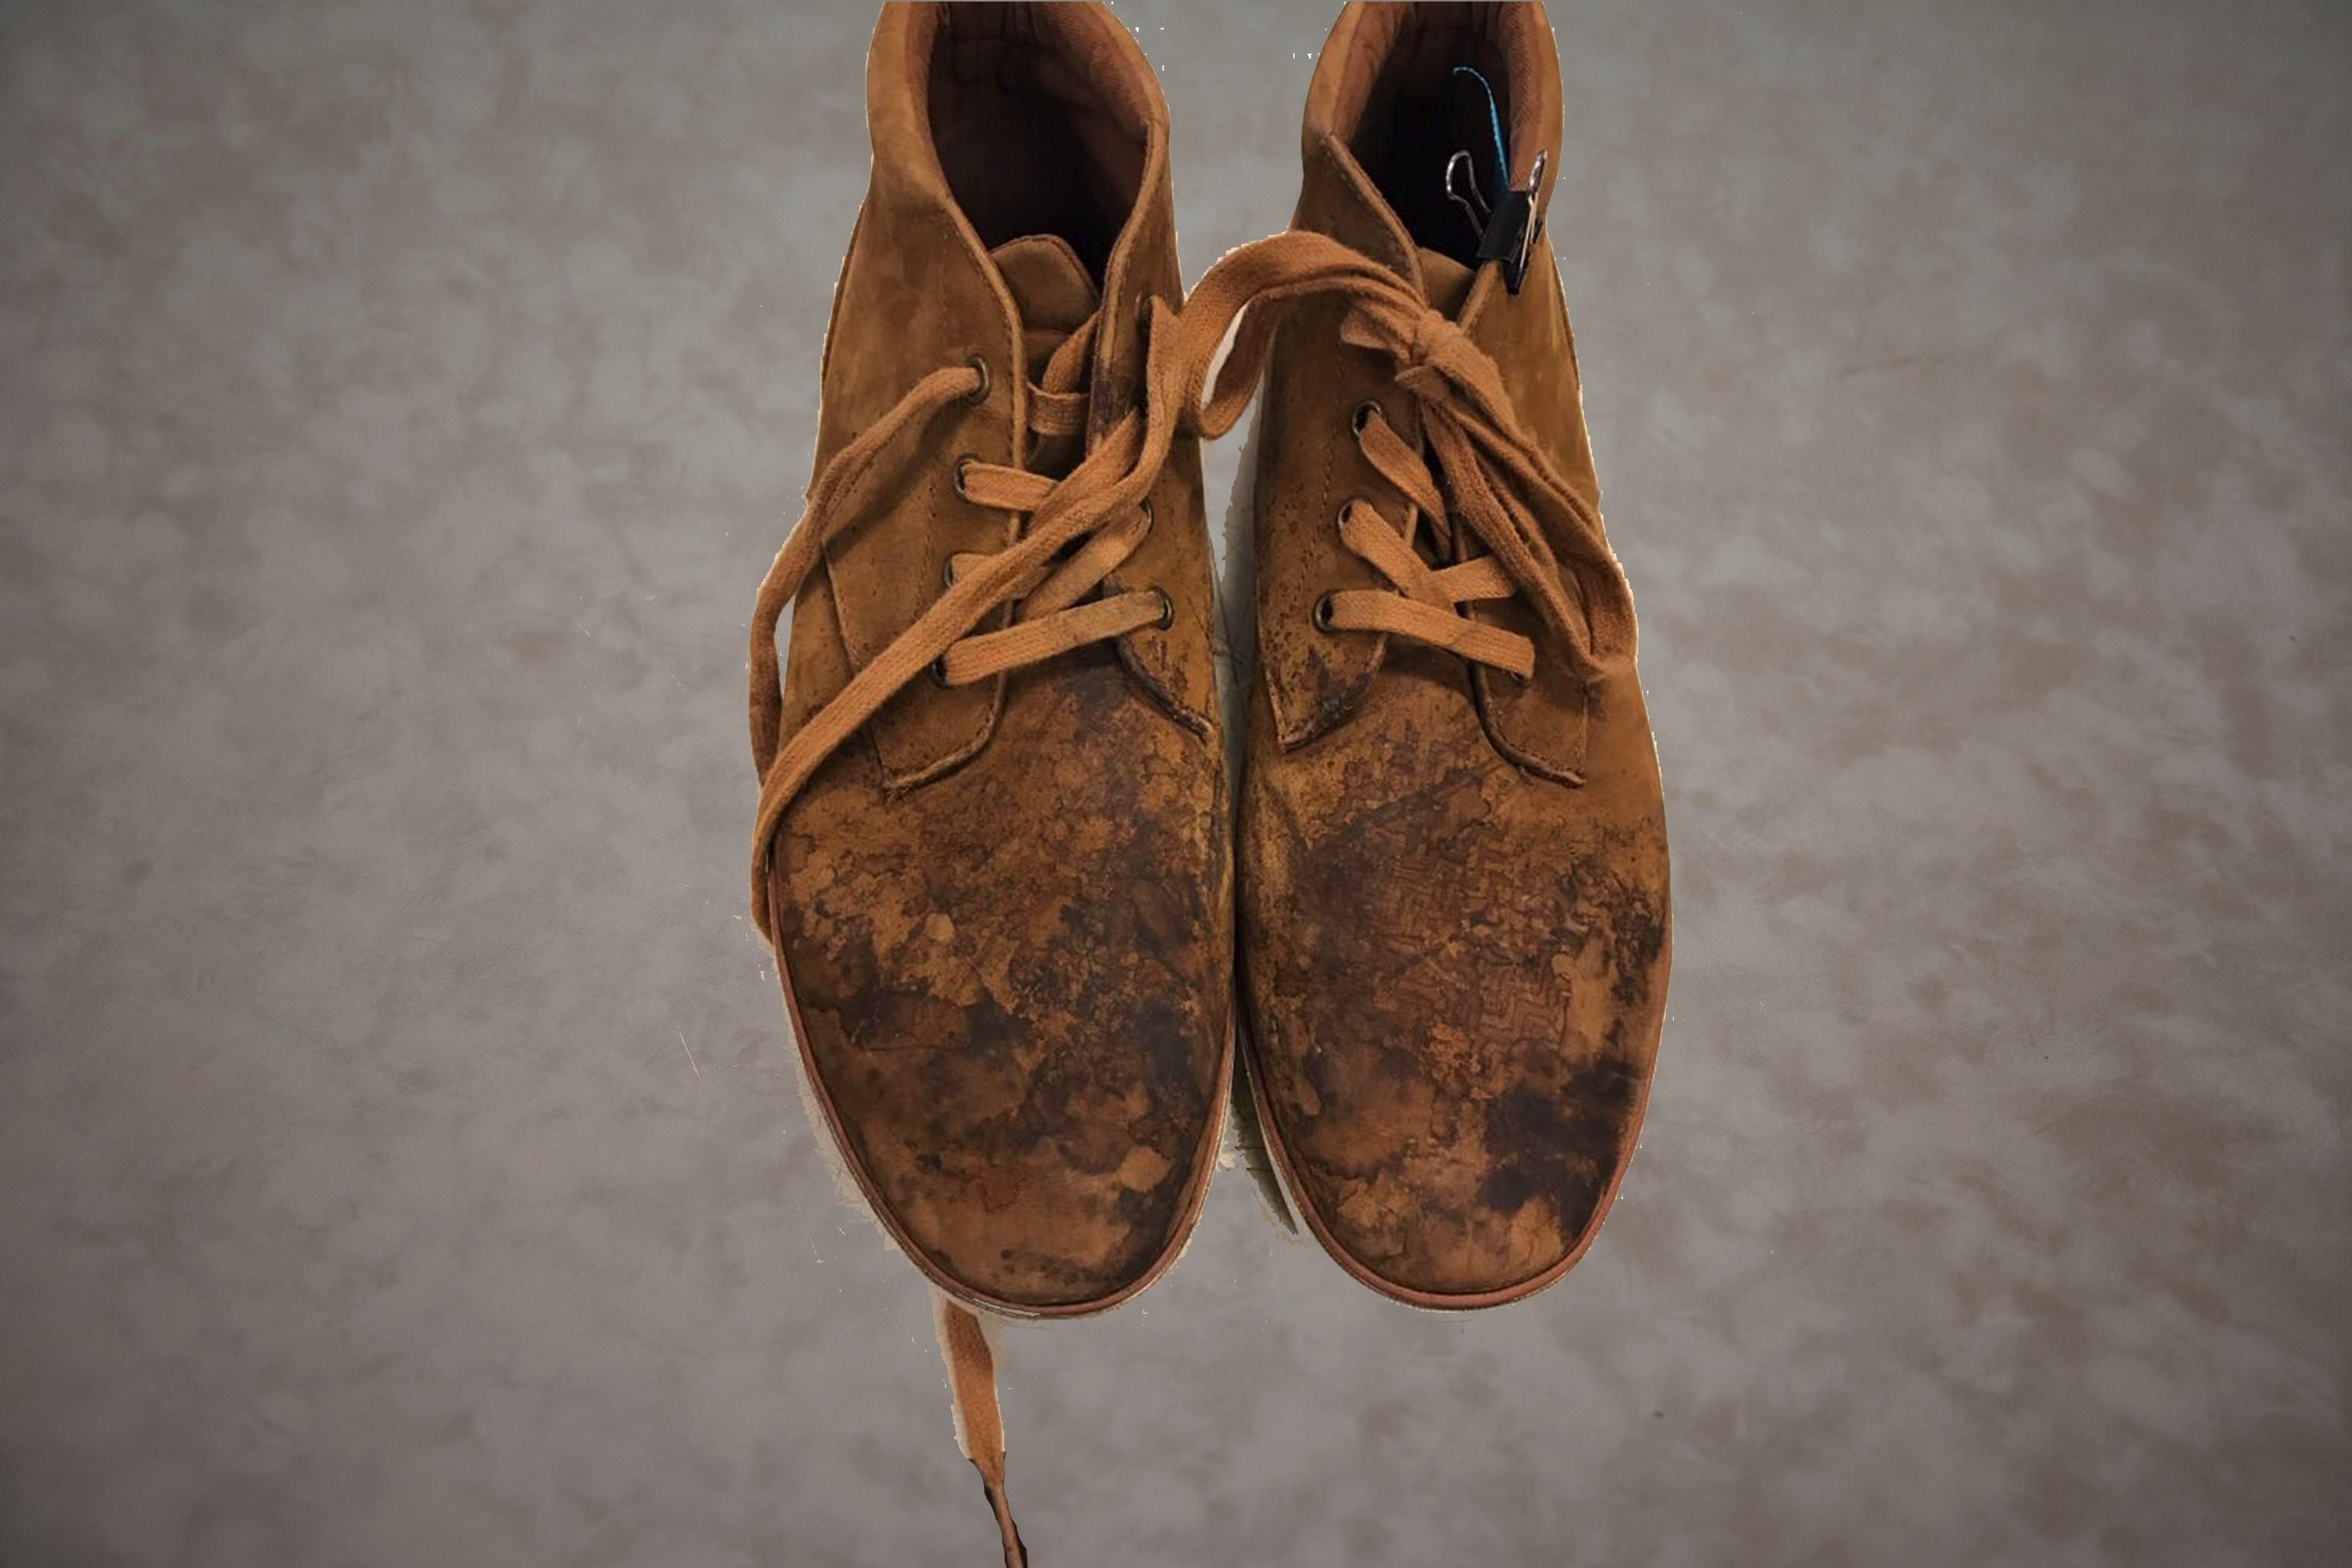 Voorbeeld schoenen schoonmaken voor behandeling